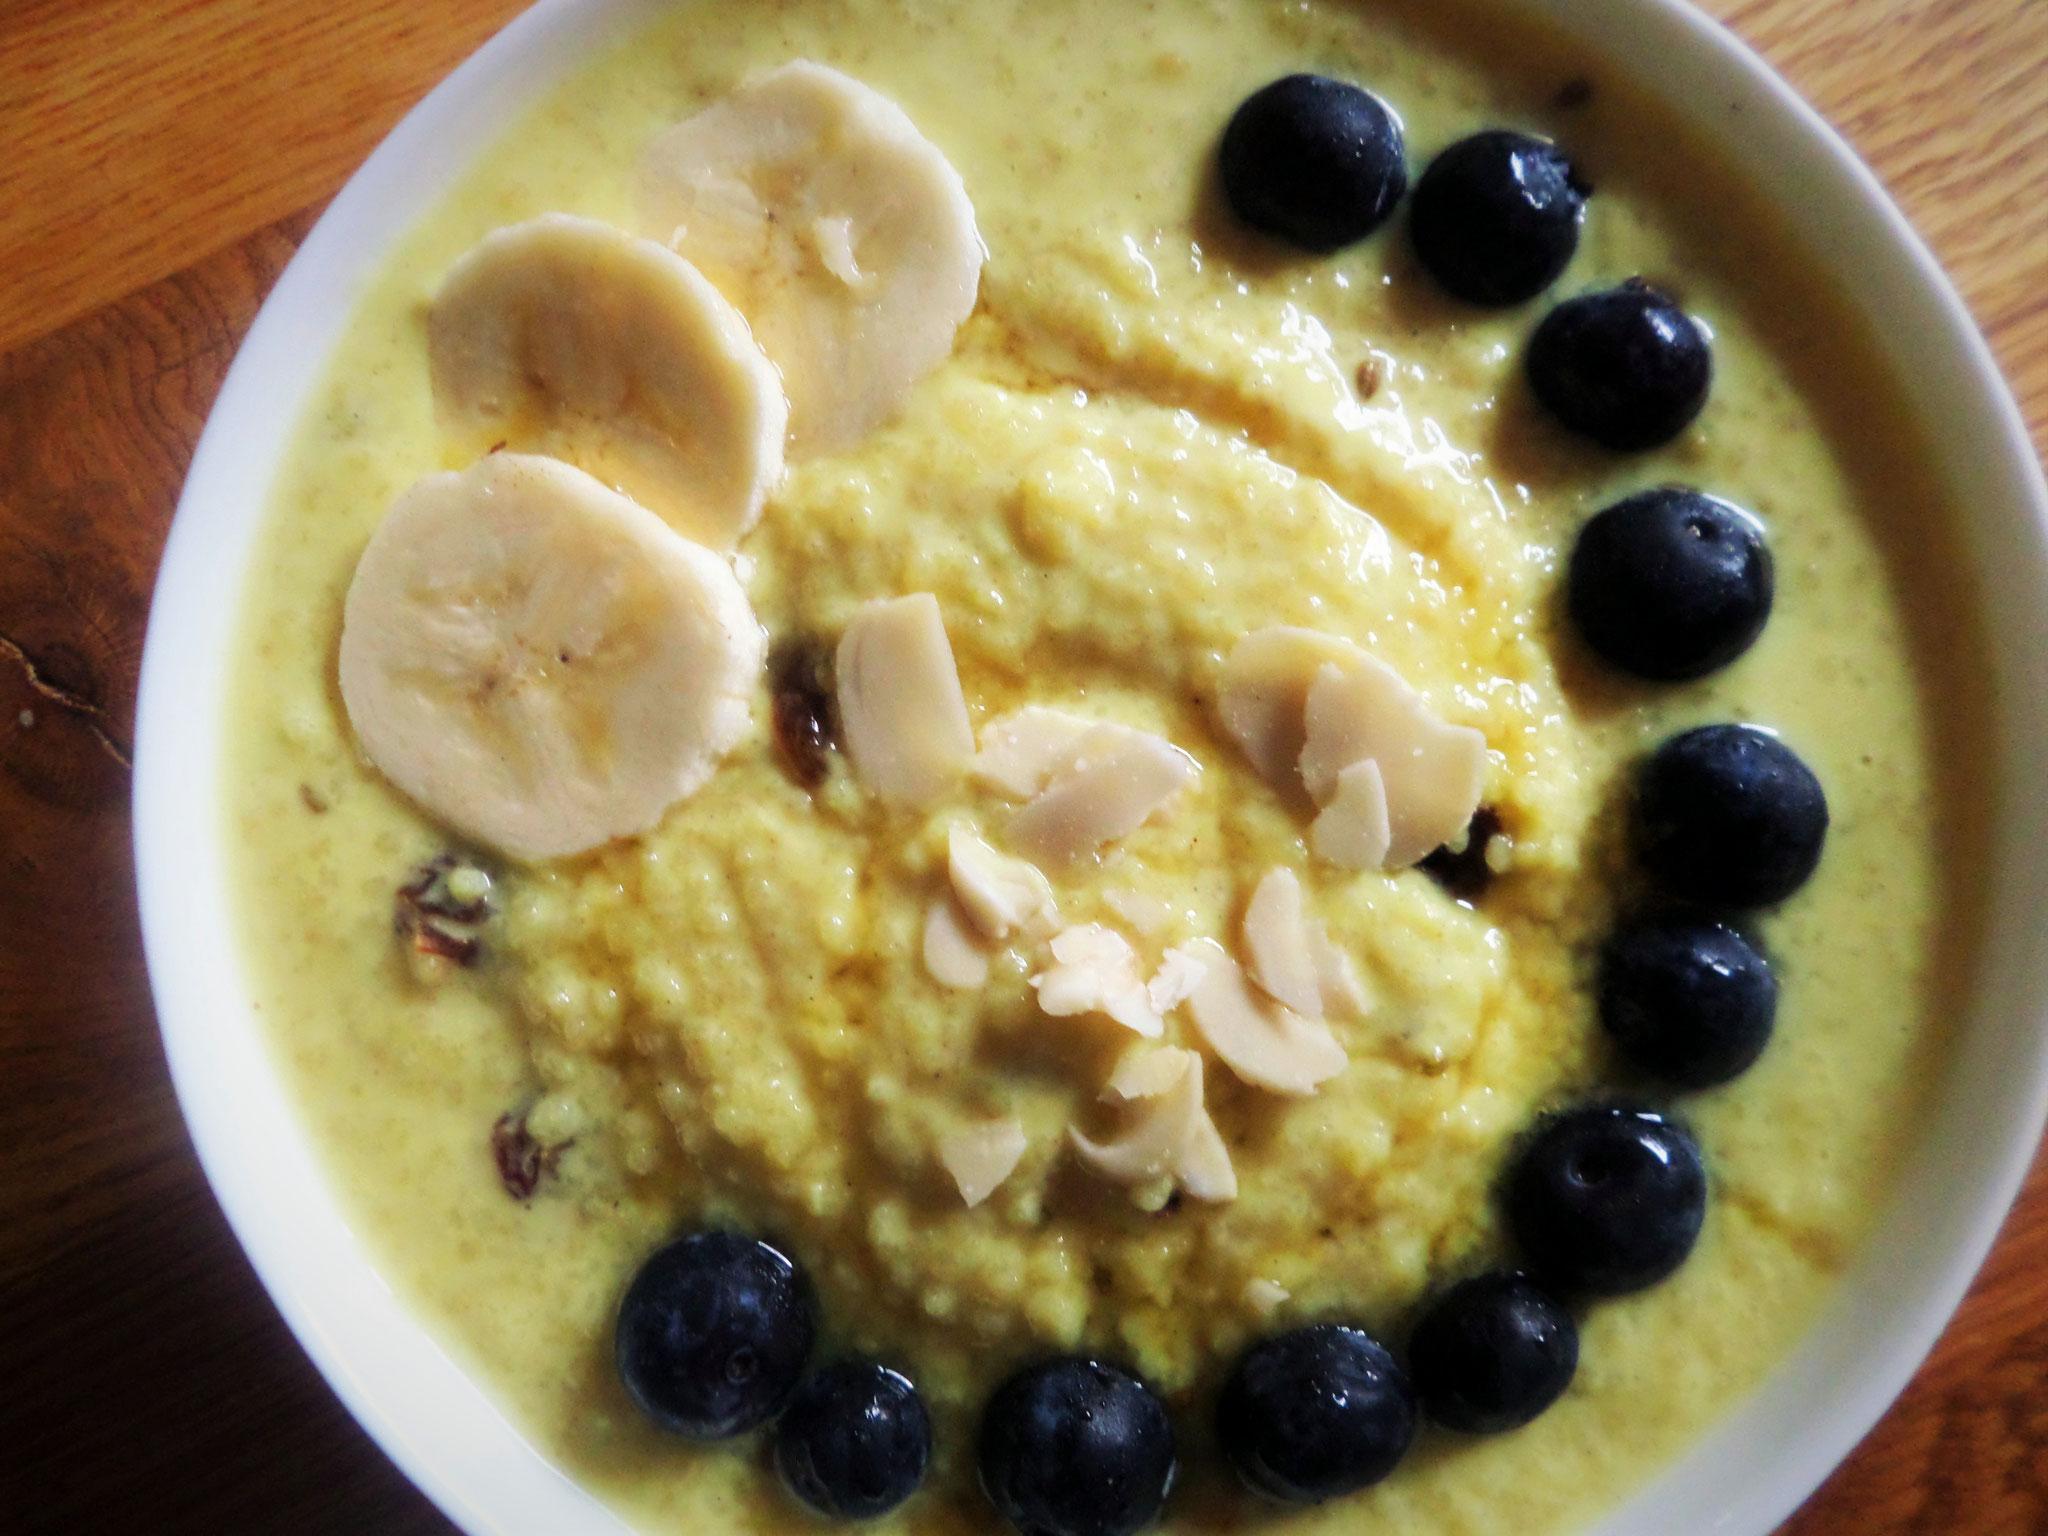 Mandelmilch mit Hirse und Mandelsplittern, Bananenscheiben und Blaubeeren